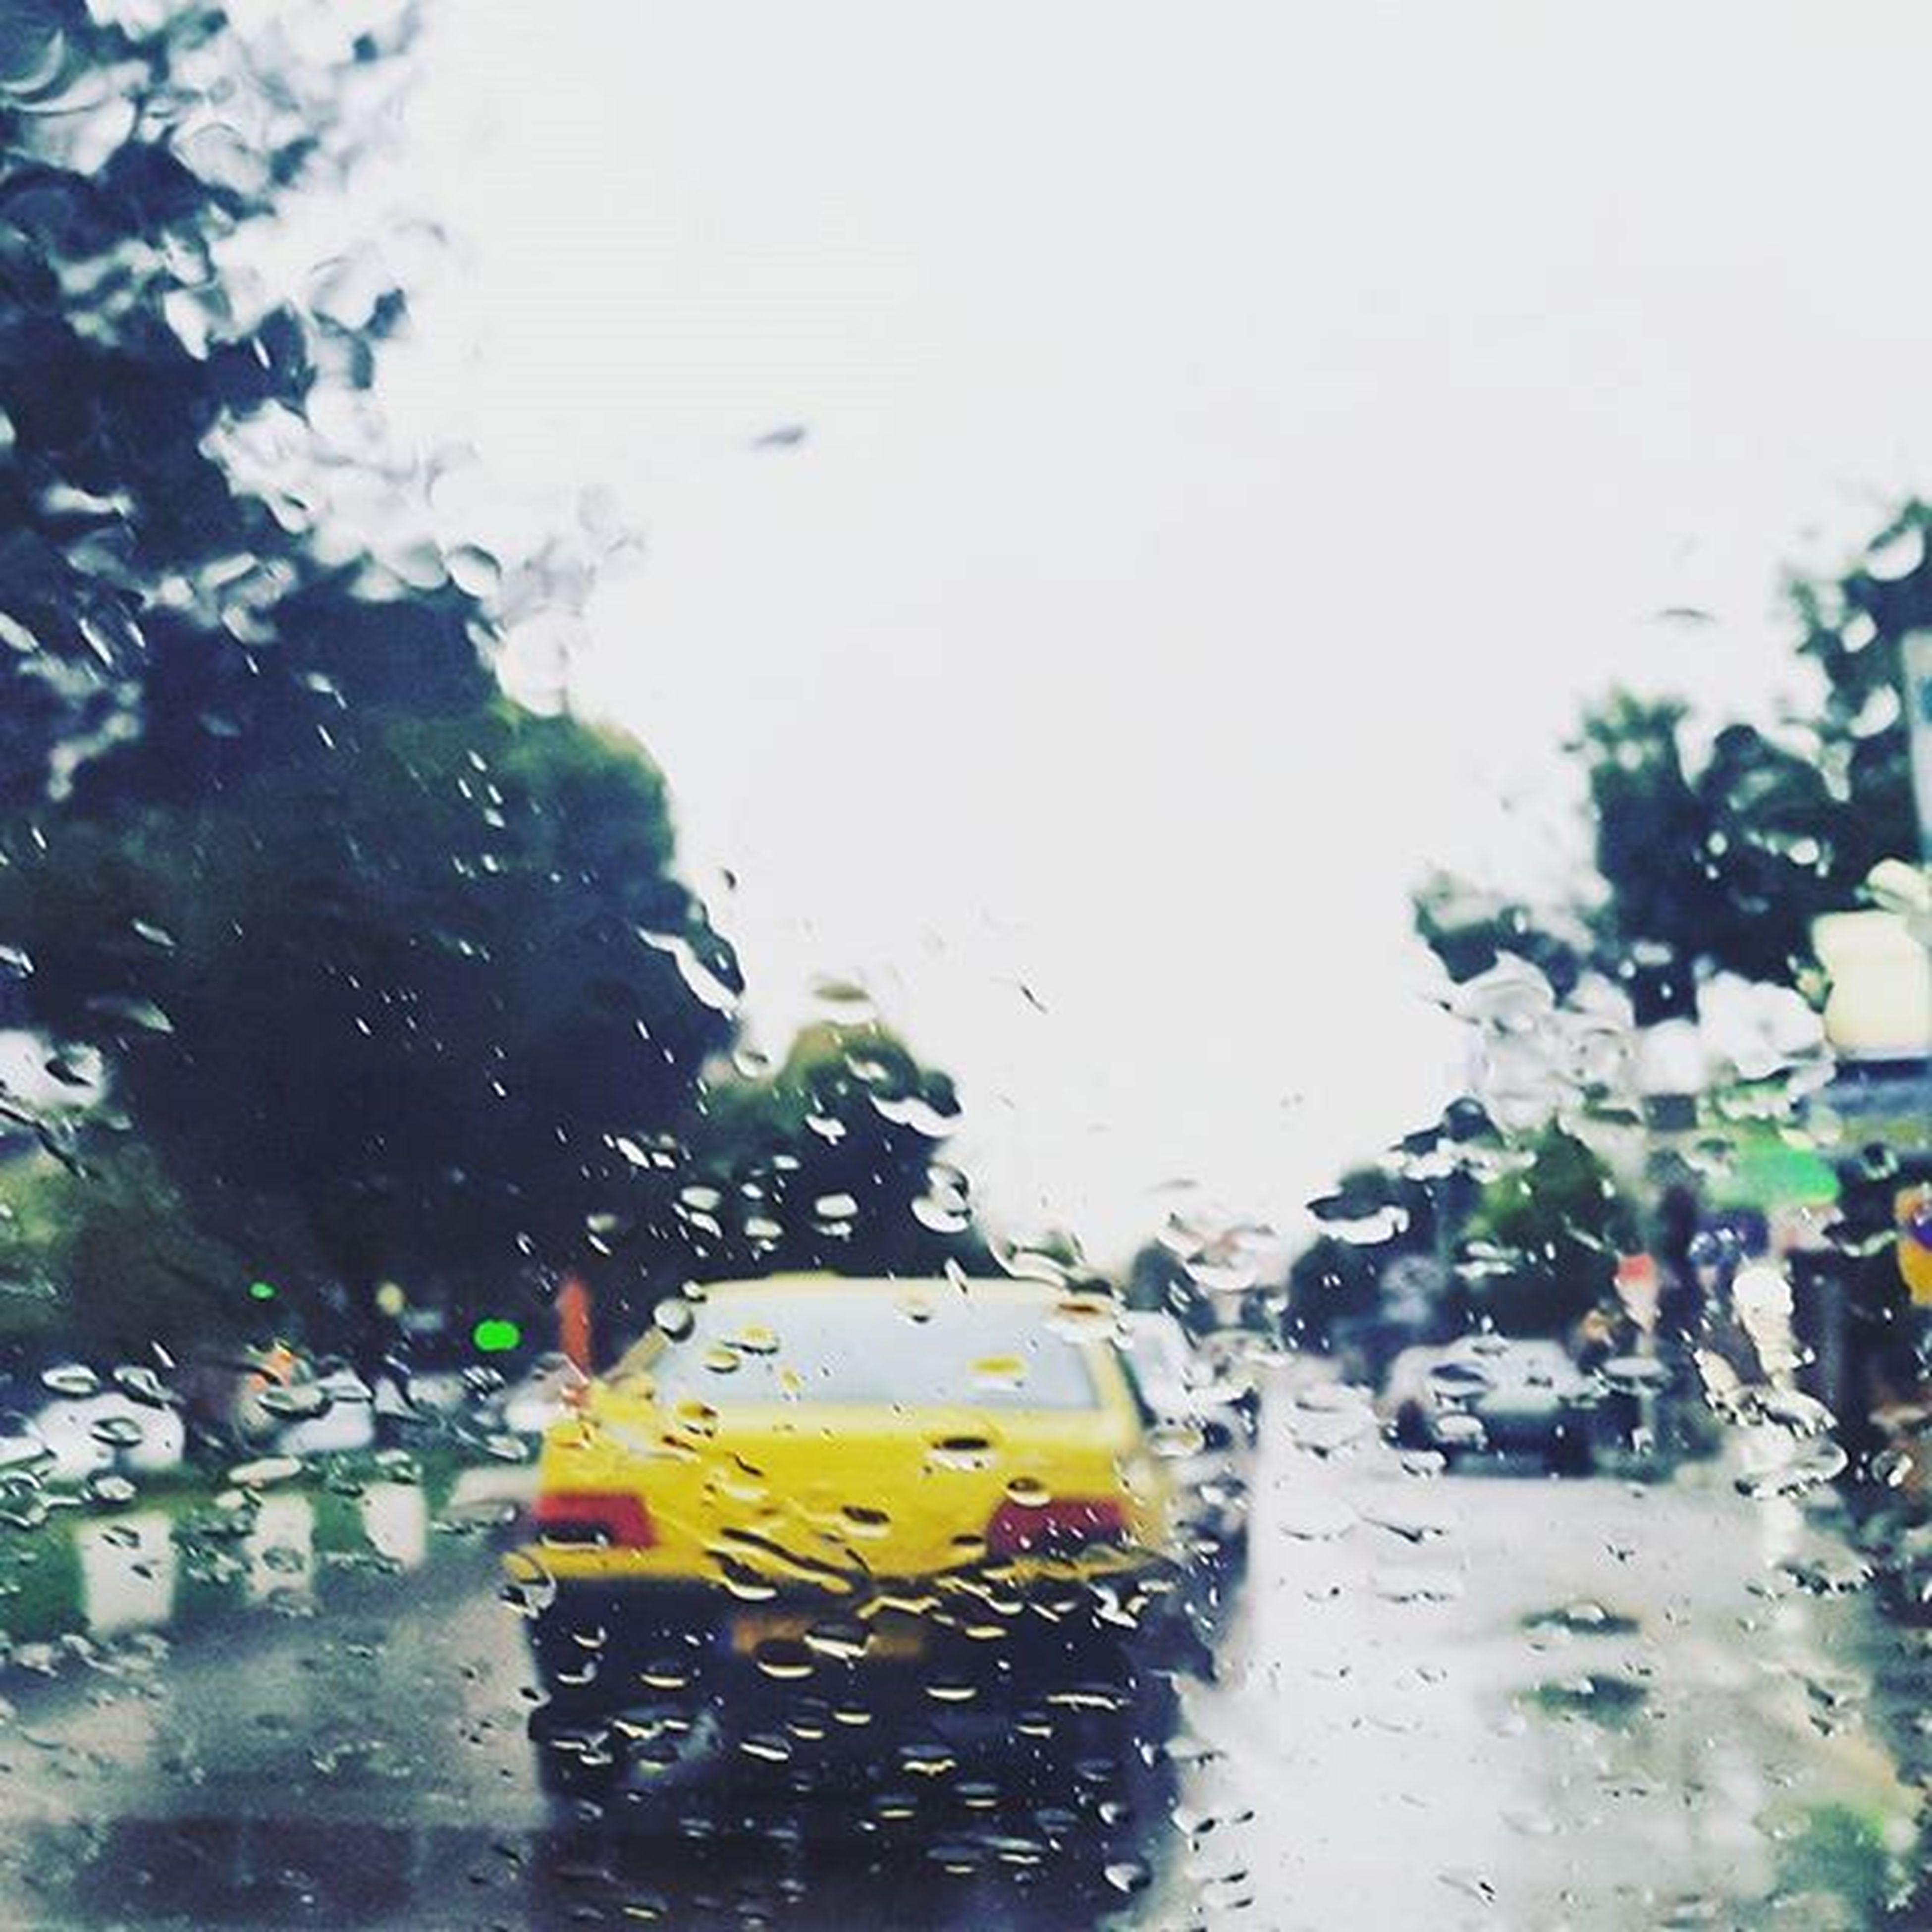 ▫ پیامبر (ص) فرمود : هر كس برای حسين گريه كند يا ديگران را به گريه وادارد يا خودش را به گريه بزند بهشت بر او لازم است! باران_اشک_فرشته_هاست گریه_بر_حسین موضوعیت دارد. میدونی_کیا_واسه_حسین_گریه_کردن؟ ! دیگه_نگو_گریه_نکن . . عکس: باران دیروز شیروان